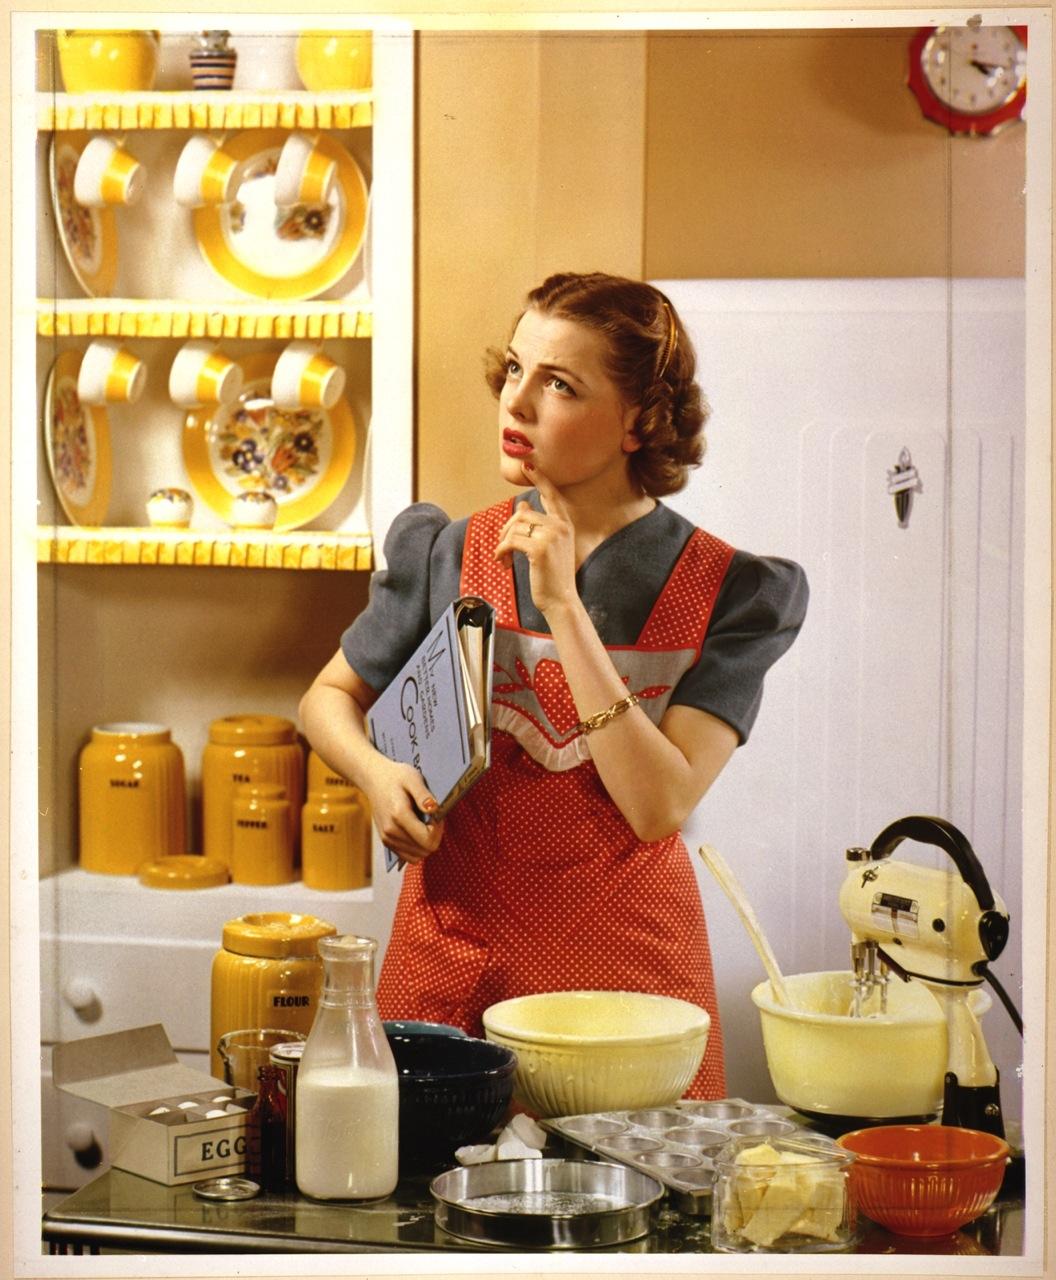 Санек днем, женщина на кухне смешные картинки